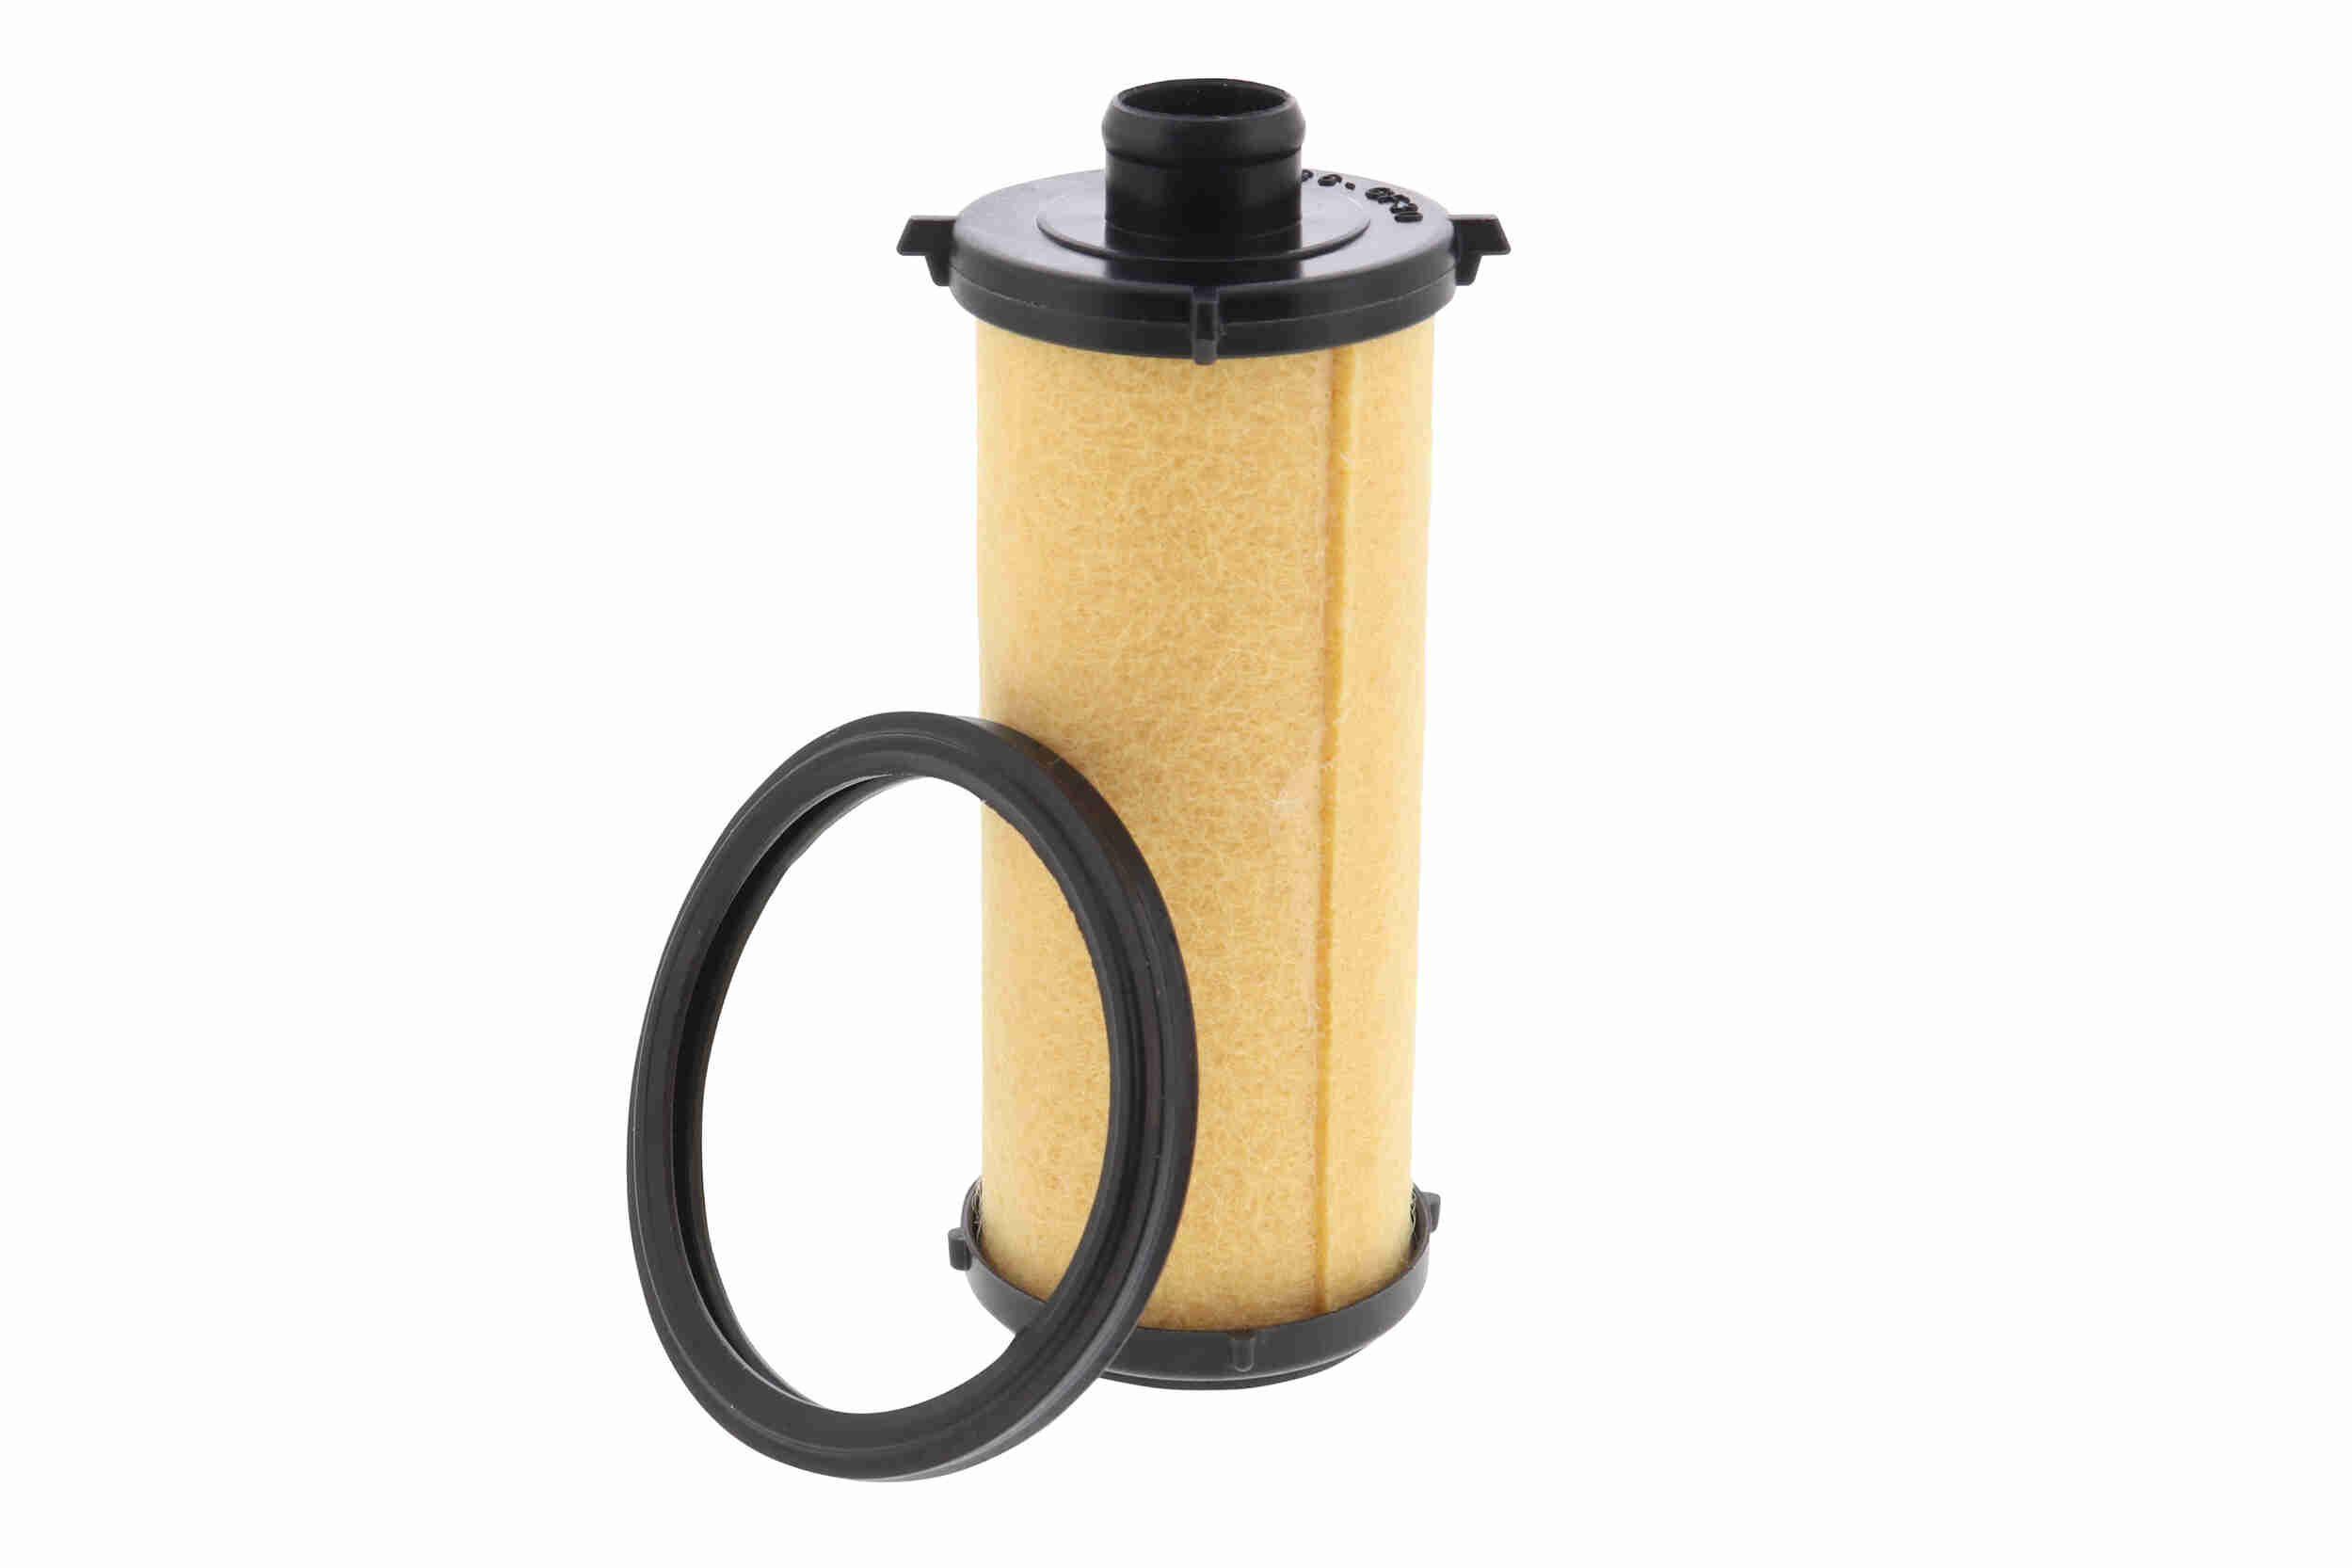 VAICO  V20-8100-1 Bremsbelagsatz, Scheibenbremse Breite 1: 155,1mm, Breite 2: 154,6mm, Höhe 1: 63,5mm, Höhe 2: 63,5mm, Höhe: 64,1mm, Dicke/Stärke: 20,3mm